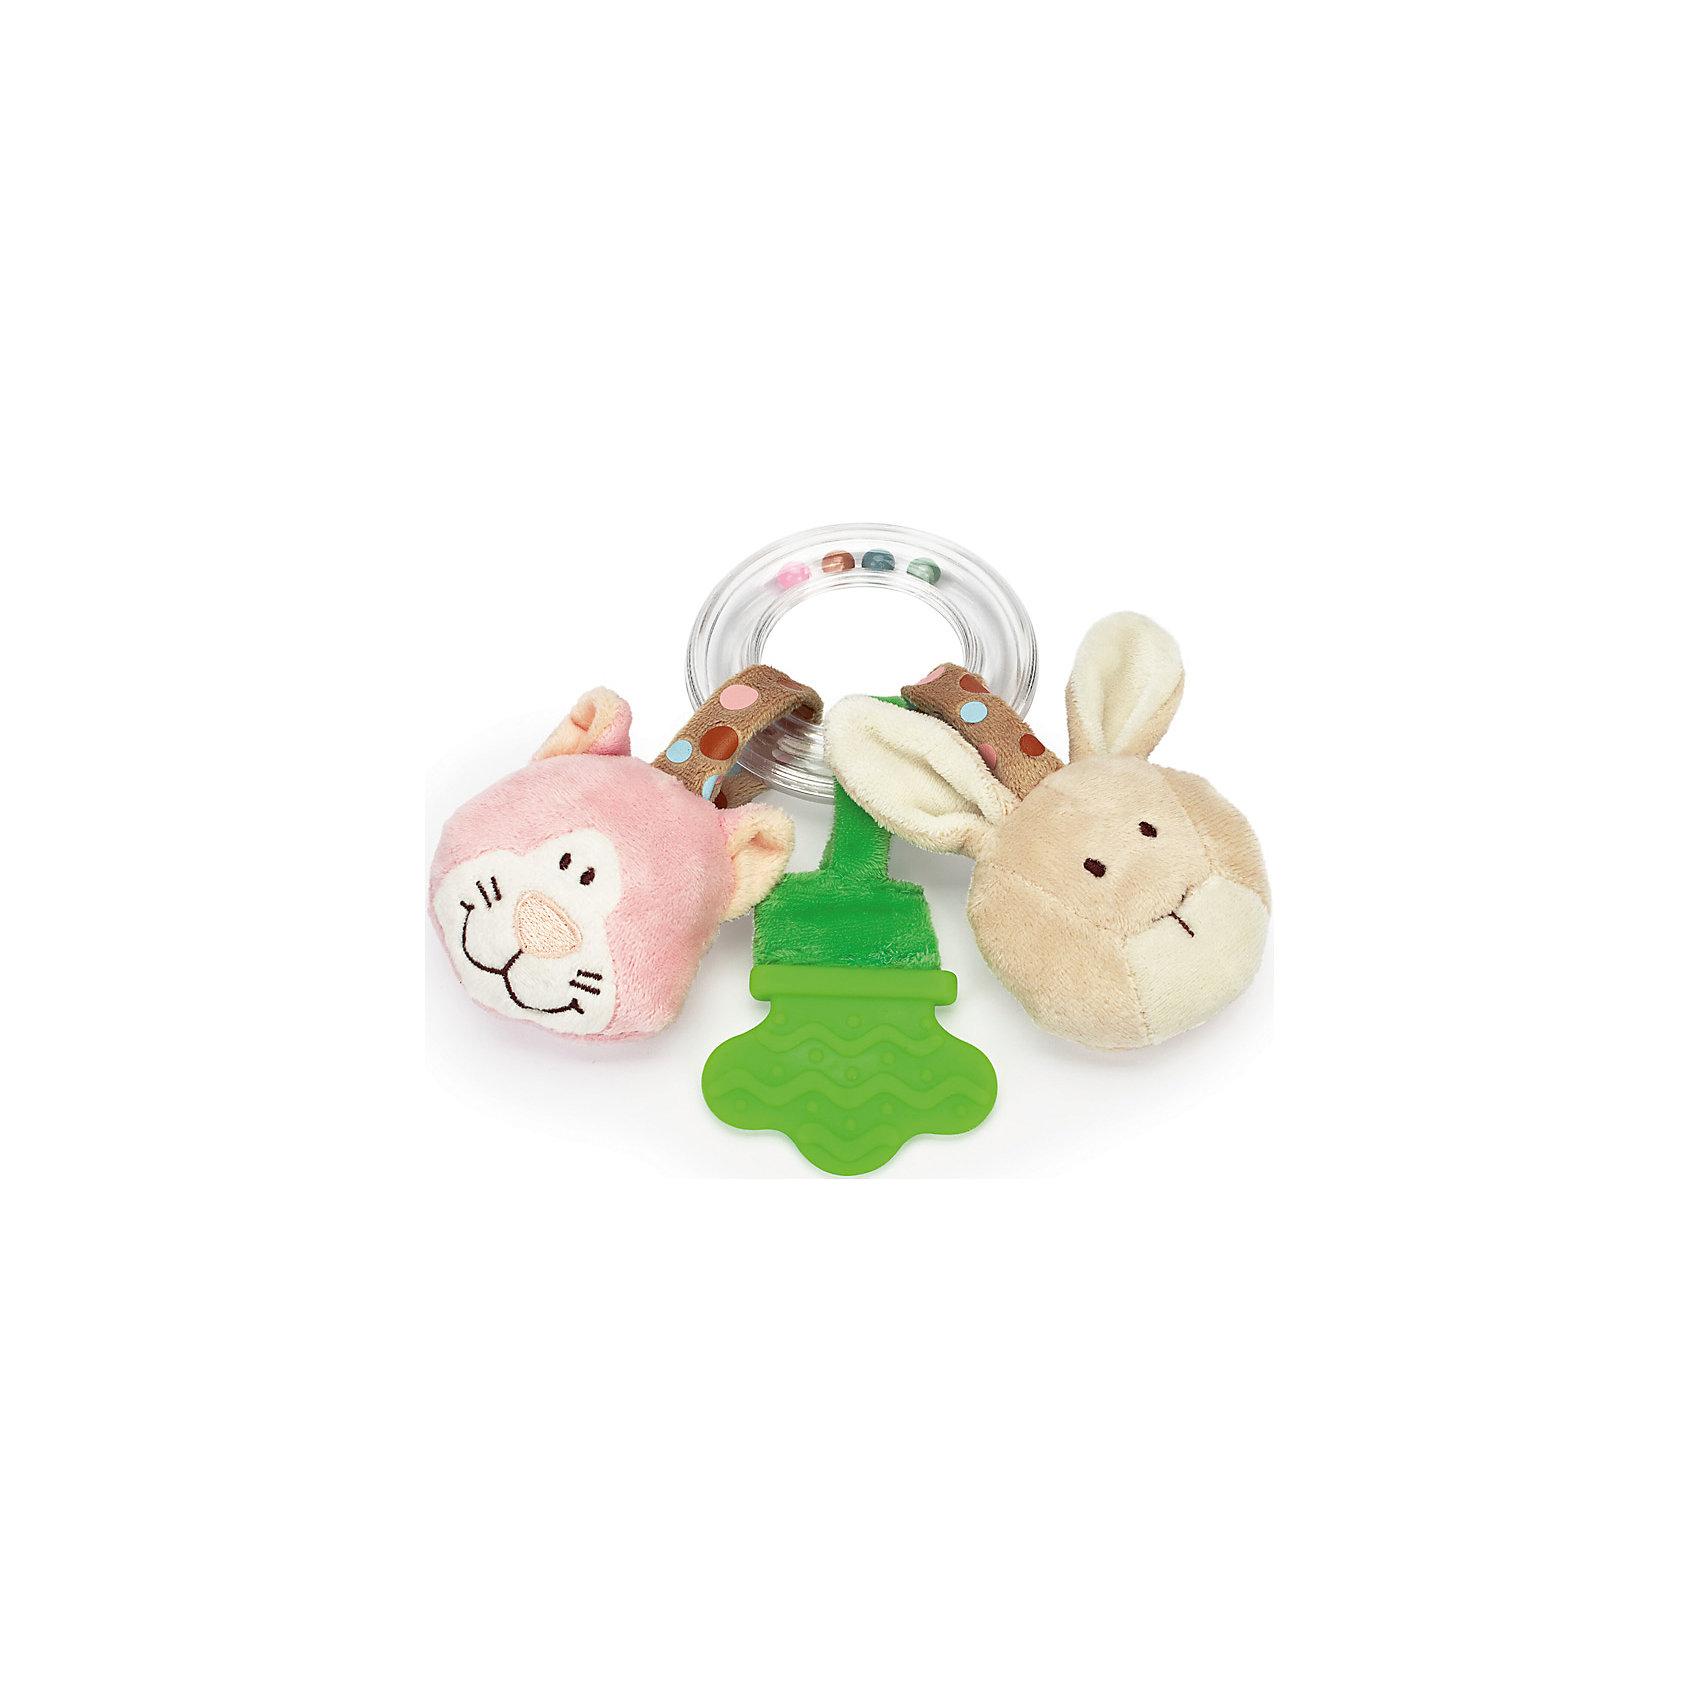 Погремушка-прорезыватель Кот и Кролик, ДинглисарХарактеристики прорезывателя-кольца с погремушкой Teddykompaniet: <br><br>• тип игрушки: прорезыватель-кольцо с погремушкой;<br>• размер: 17 см;<br>• материал: 100% хлопок (безворсовый велюр), пластик;<br>• серия: Динглисар.<br><br>Прозрачное кольцо заполнено разноцветными шариками, которые создают мелодичный перезвон при встряхивании погремушки. <br>Прорезыватель помогает малышу массажировать воспаленные десны на этапе прорезывания зубов. Прорезыватель имеет рельефную поверхность. <br>Мягкие игрушки с мордочками животных, которые ласково улыбаются малышу, выполнены из гипоаллергенного материала, приятного на ощупь. <br><br>Погремушку-прорезыватель Кот и Кролик, Динглисар можно купить в нашем интернет-магазине.<br><br>Ширина мм: 100<br>Глубина мм: 50<br>Высота мм: 100<br>Вес г: 100<br>Возраст от месяцев: 0<br>Возраст до месяцев: 12<br>Пол: Женский<br>Возраст: Детский<br>SKU: 5220841